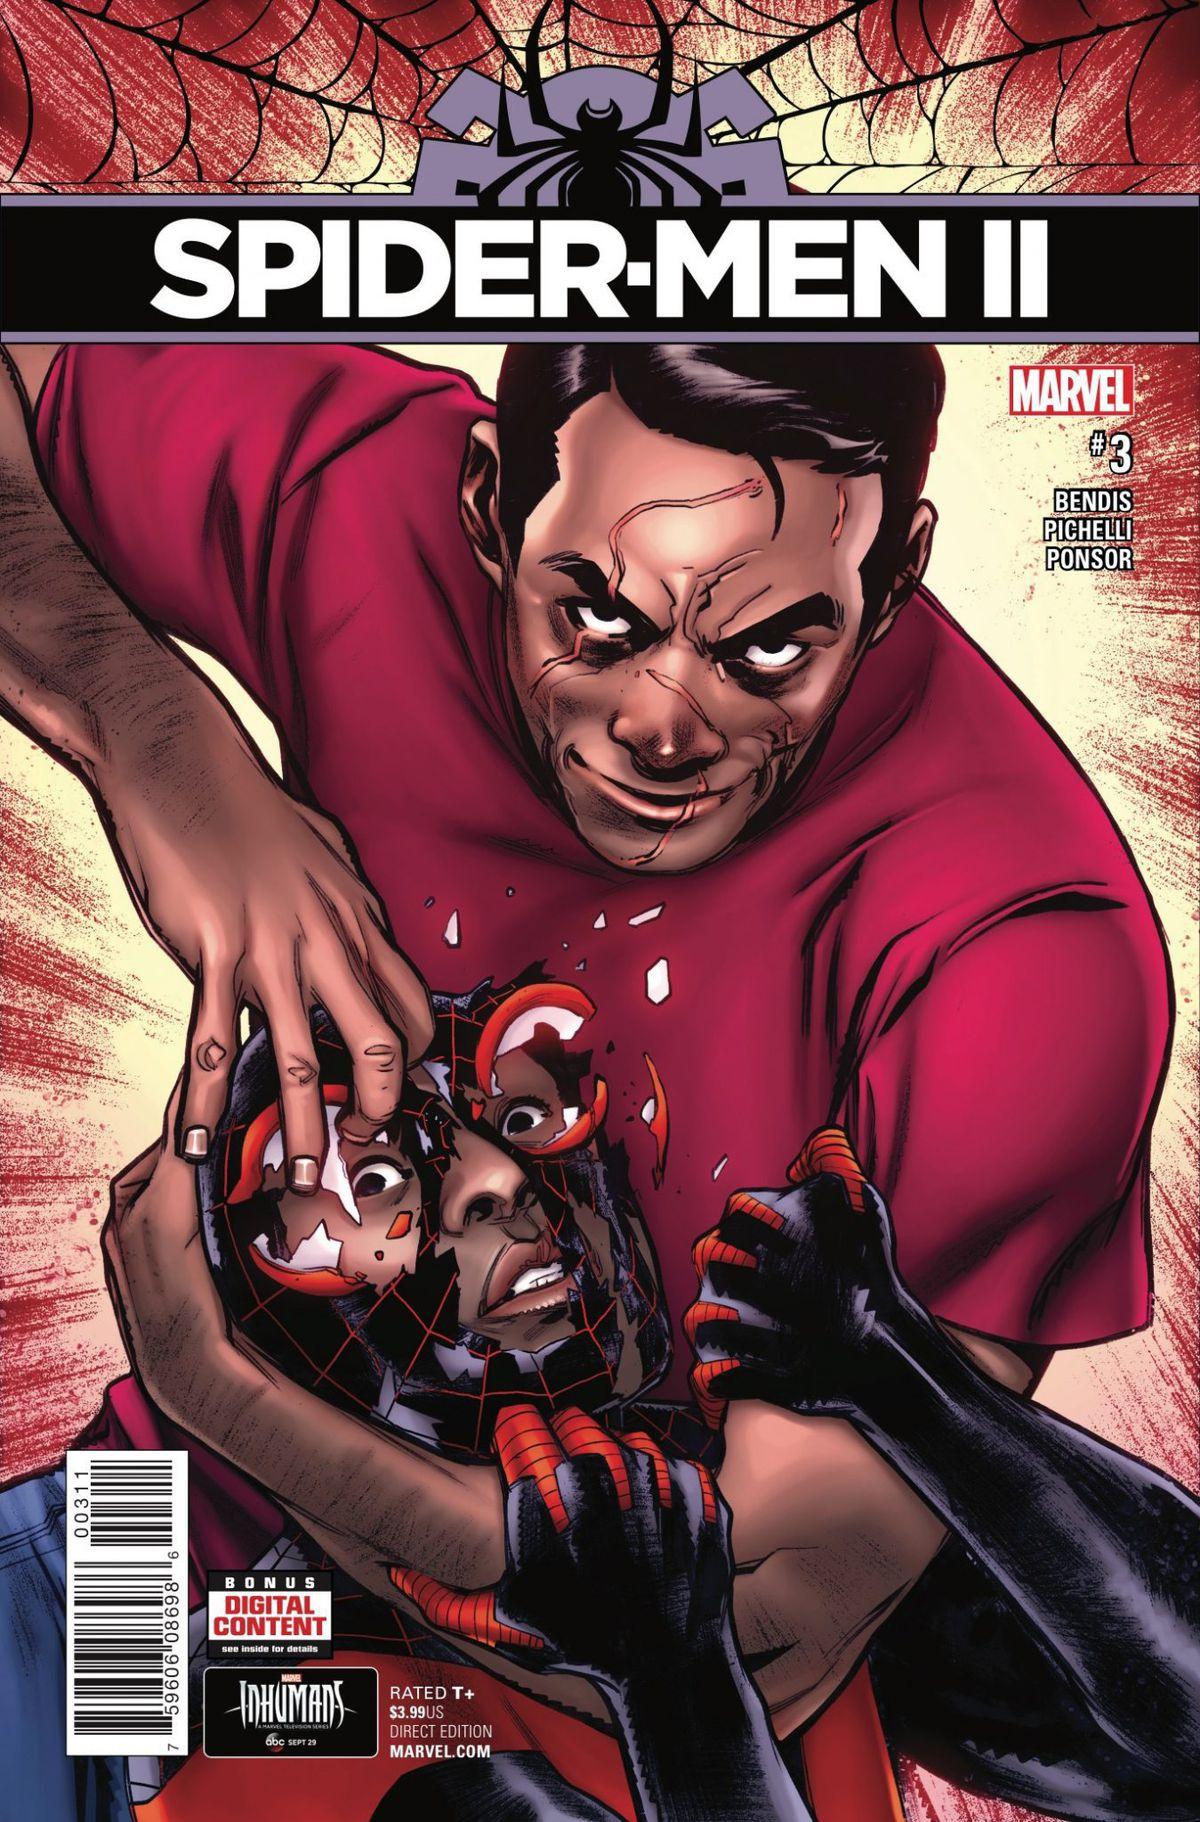 漫威宇宙中的Miles Morales并不是一个友好的邻居蜘蛛侠